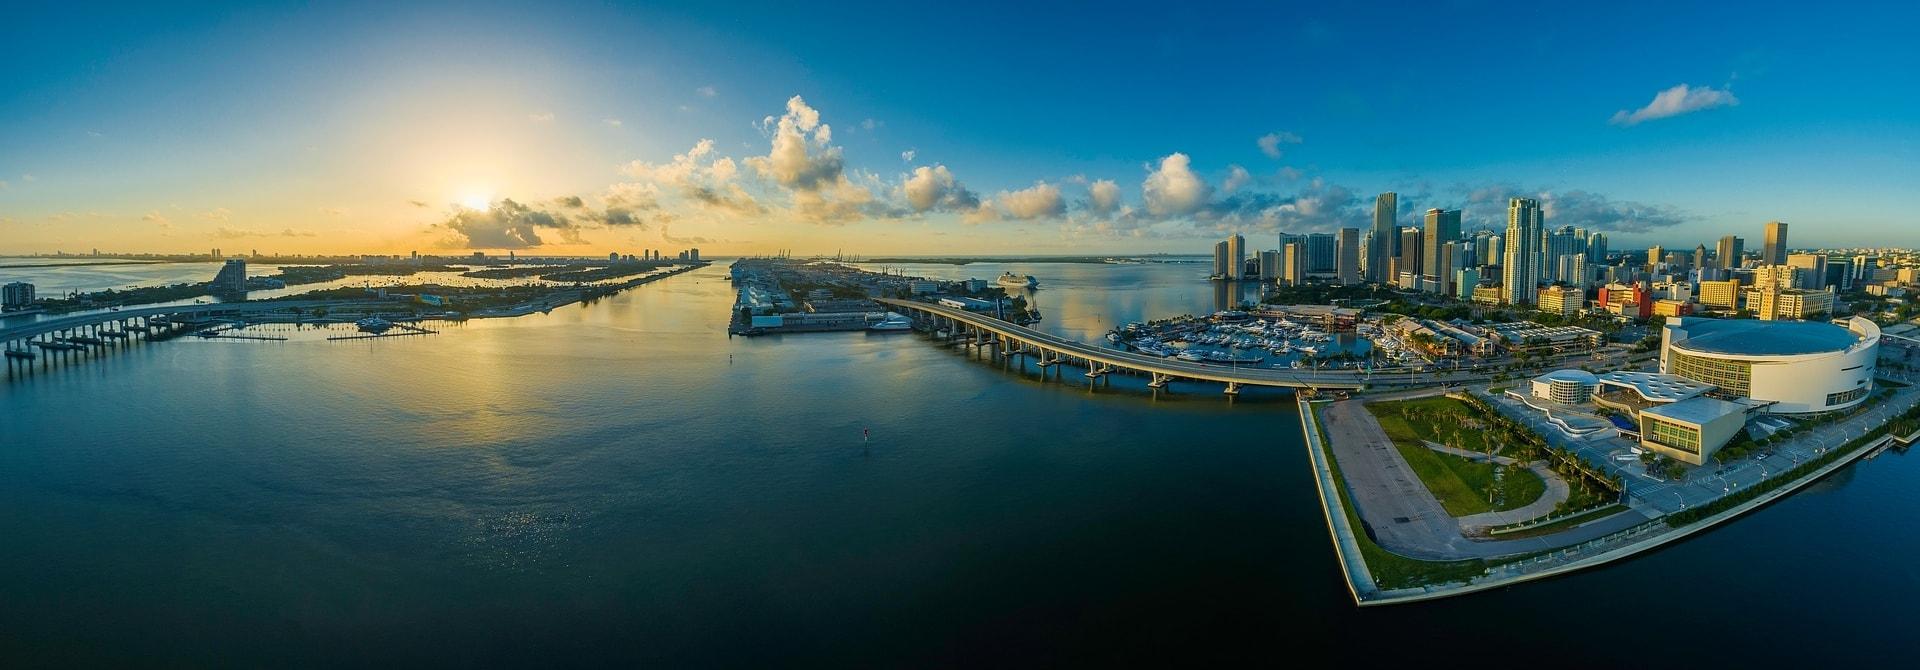 Postes et missions d'assistance technique dédiés à tous les professionnels de l'industrie maritime - onshore et offshore